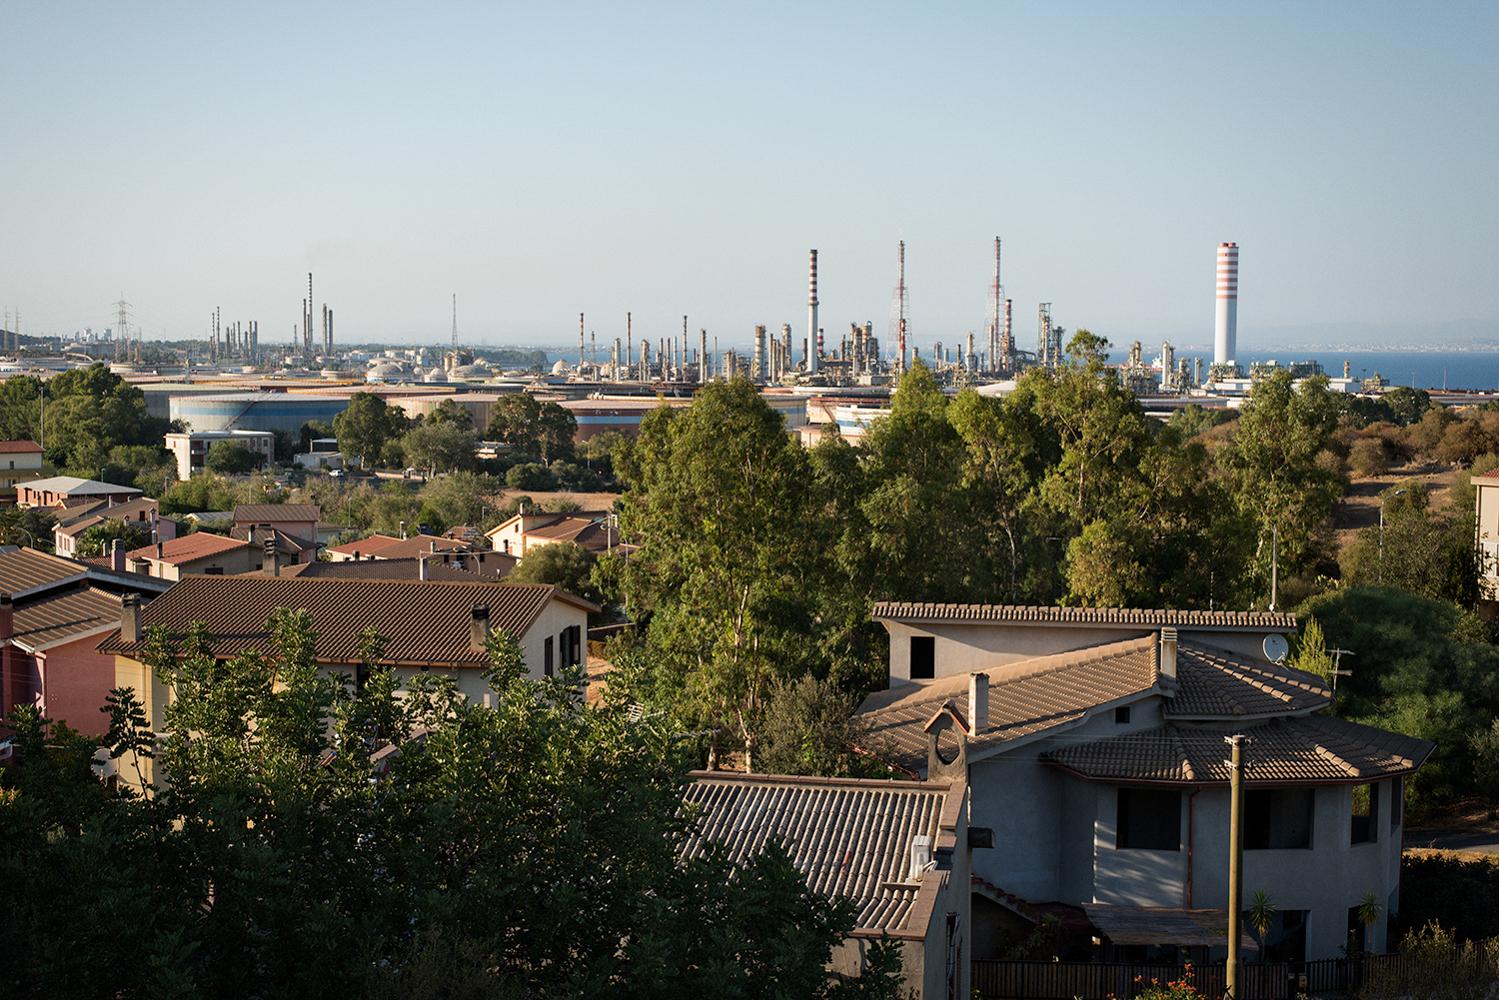 L'industria, in 50 anni di attività, è cresciuta sino a confondersi con le case del centro abitato. Sarroch (Cagliari), 2017.